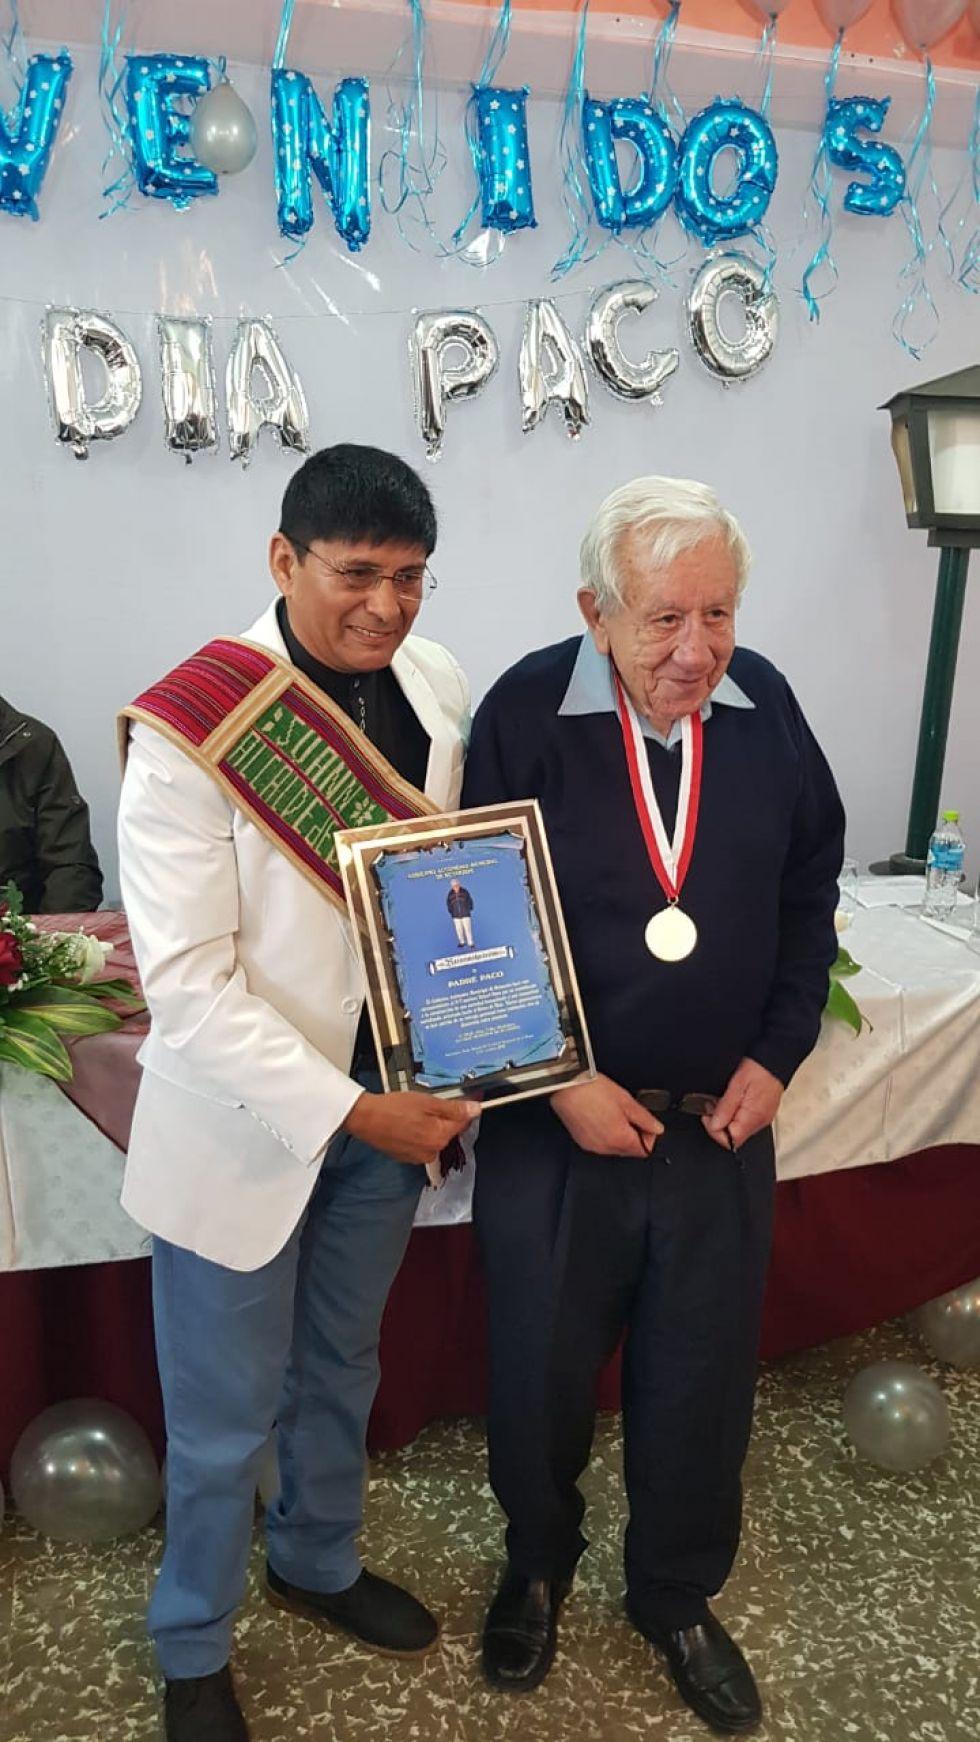 El padre con el alcalde de Betanzos.